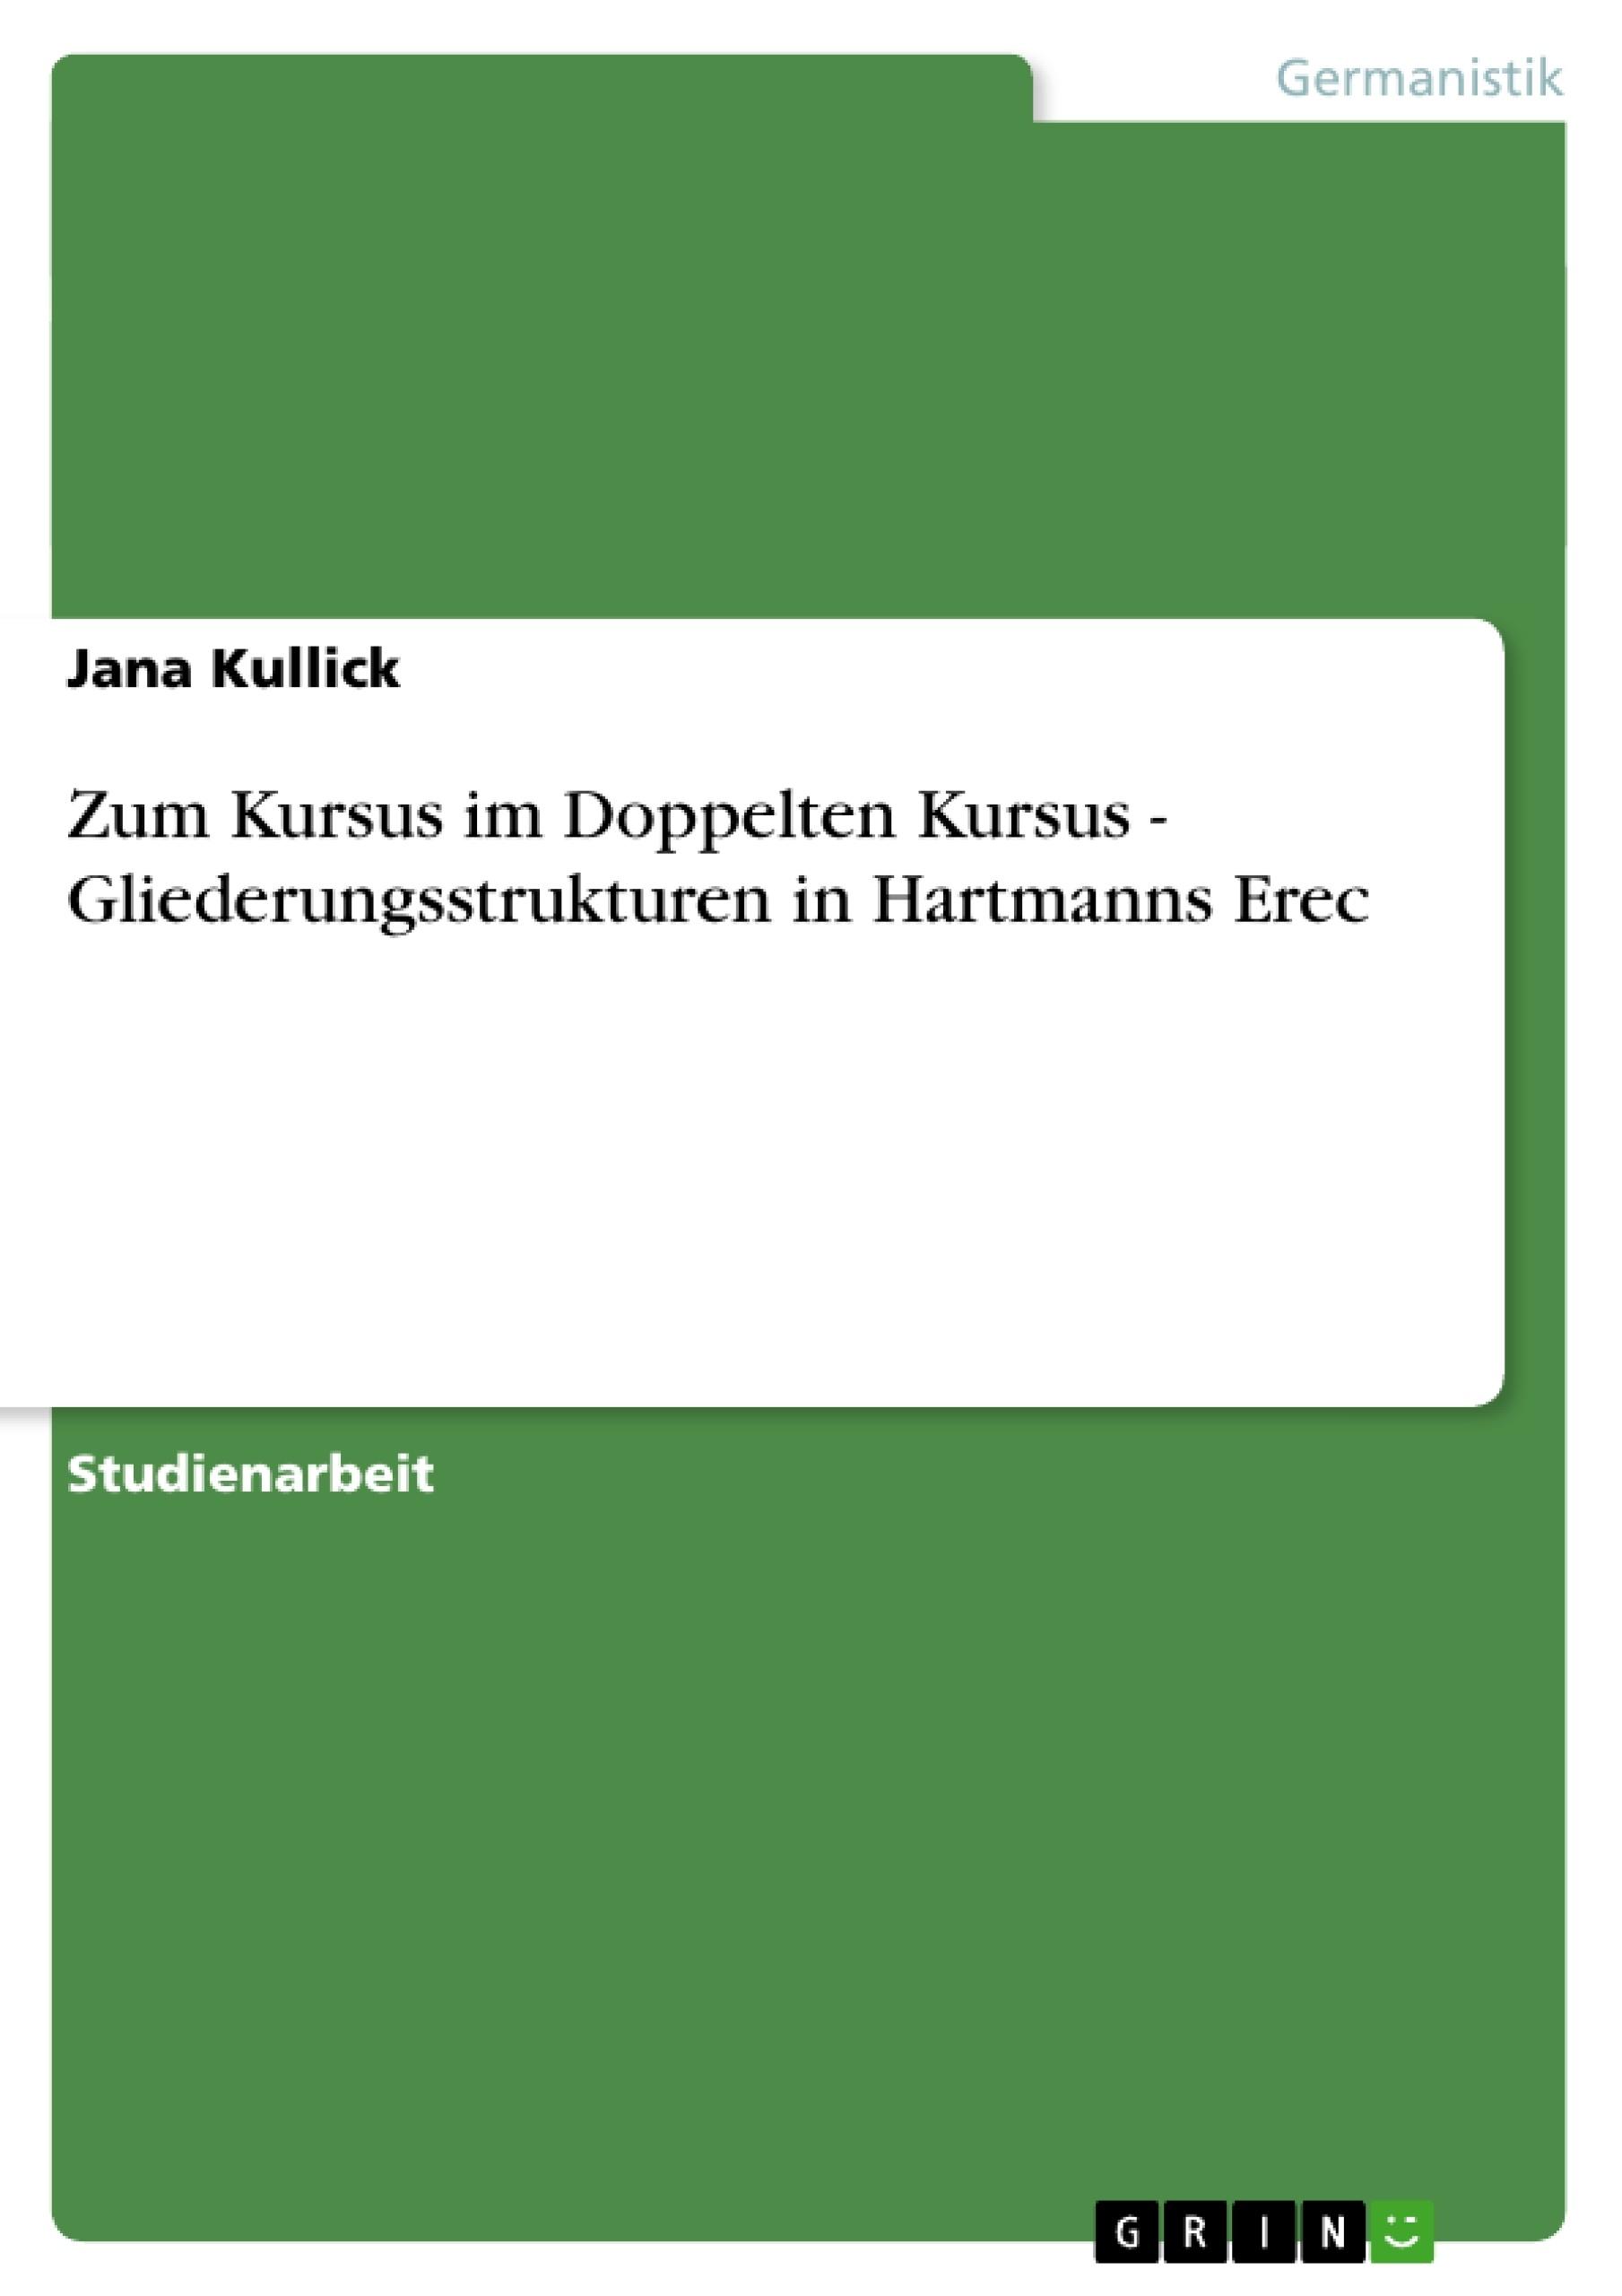 Titel: Zum Kursus im Doppelten Kursus - Gliederungsstrukturen in Hartmanns Erec